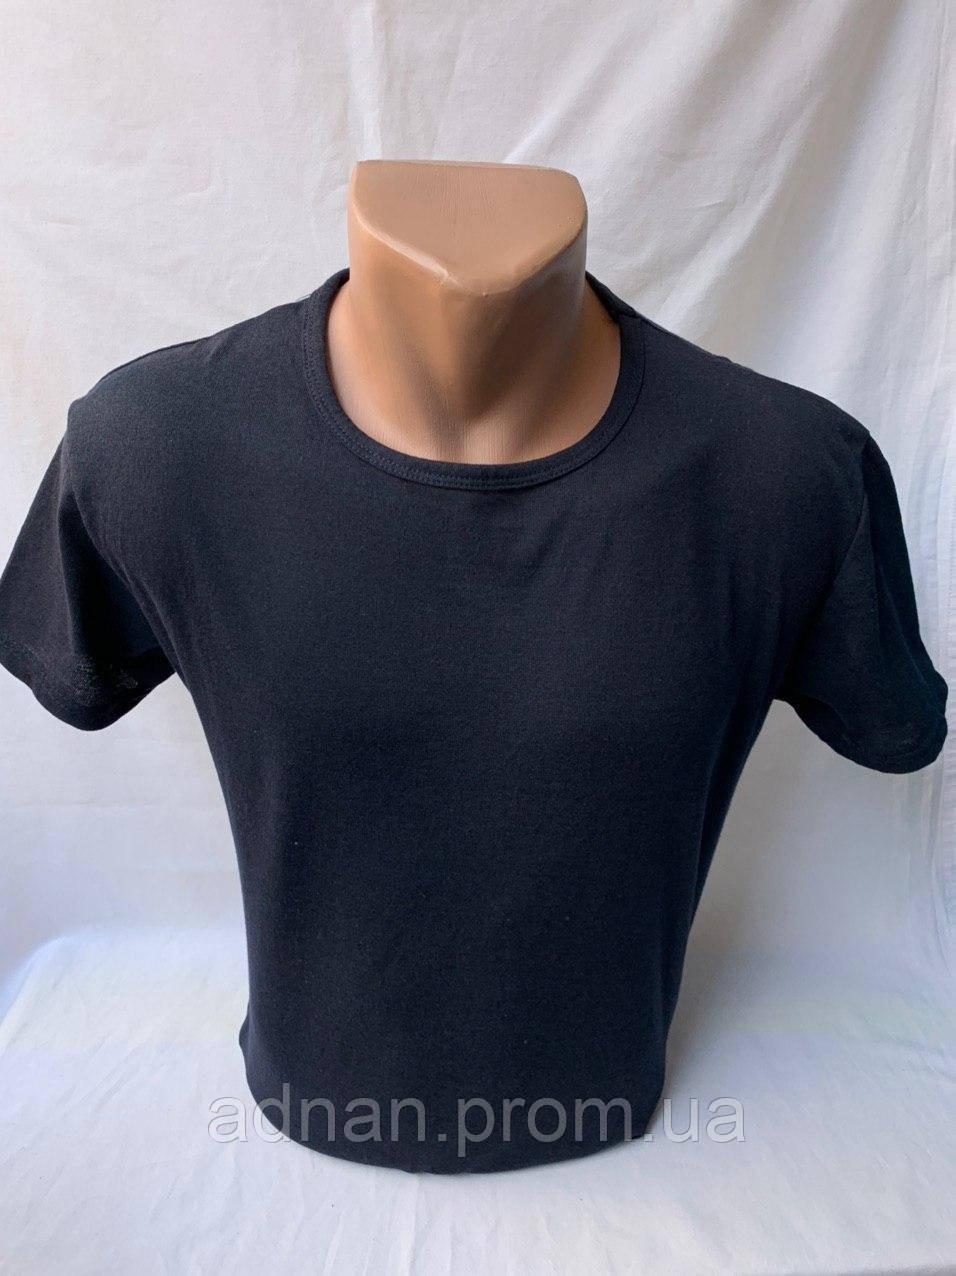 Футболка мужская фирмы ERKEK х/б евро размеры, однотонная 004 \ купить футболку мужскую оптом